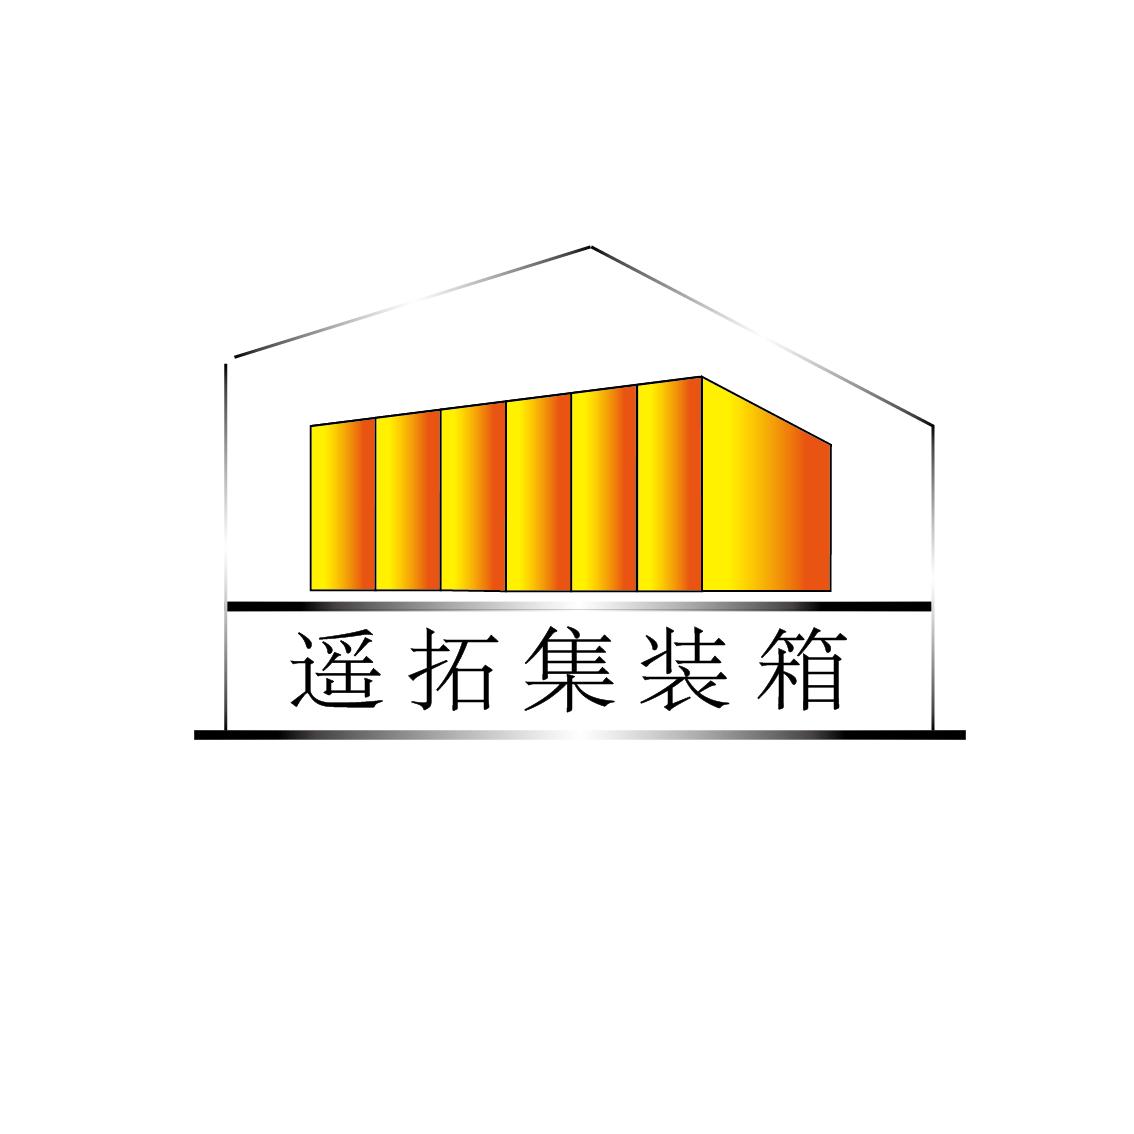 上海遥拓集装箱有限公司LOGO